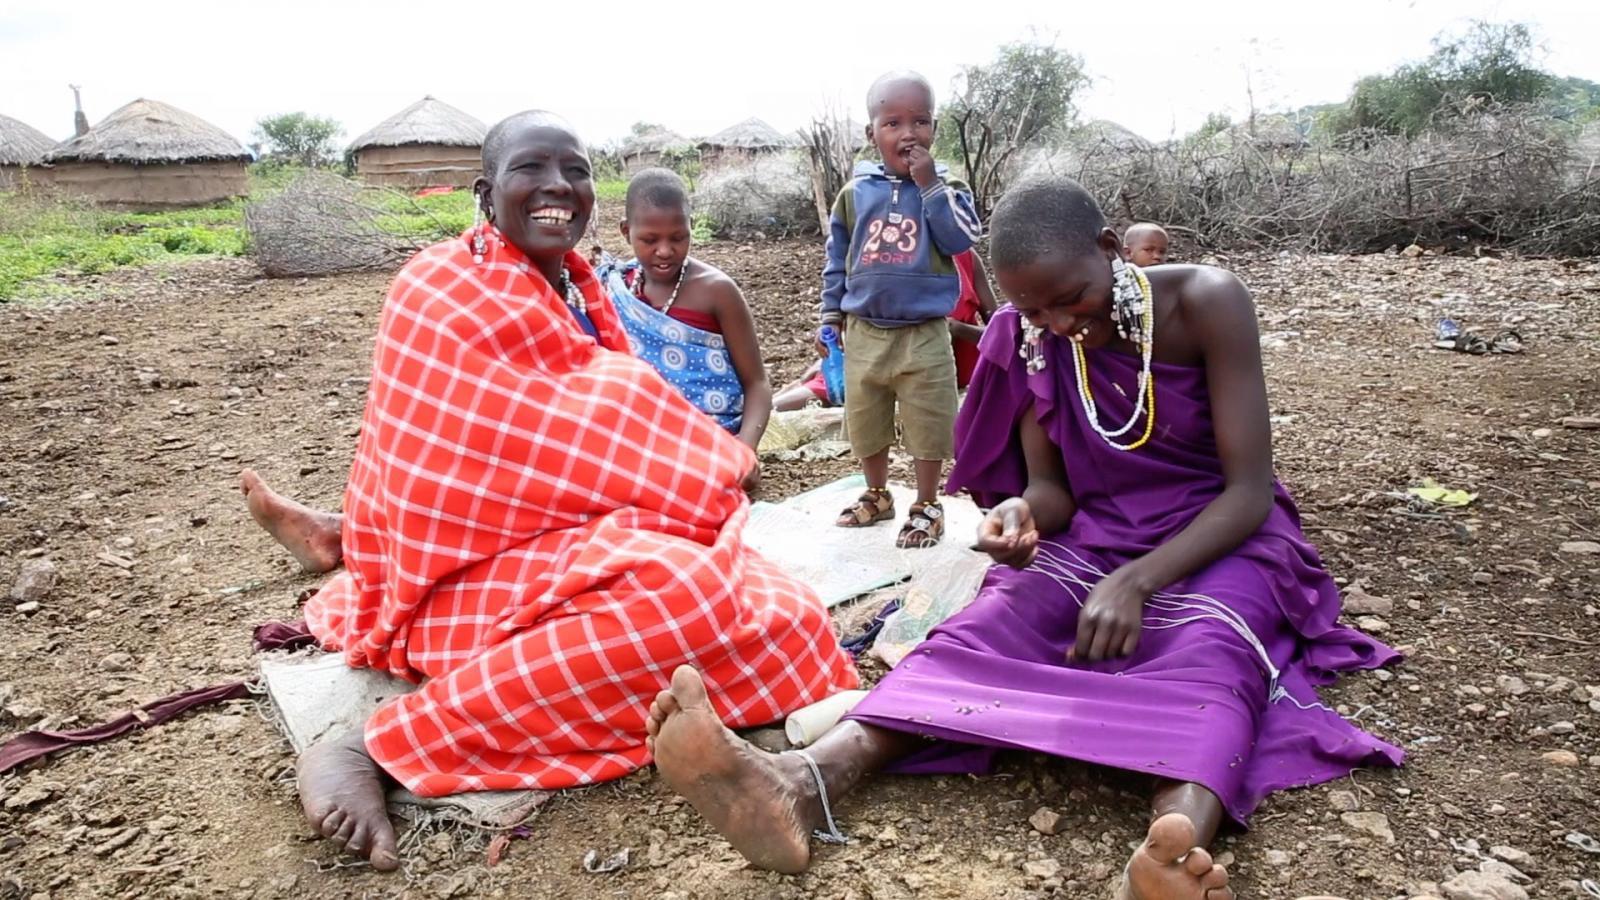 แอฟริกา : ความเชื่อ